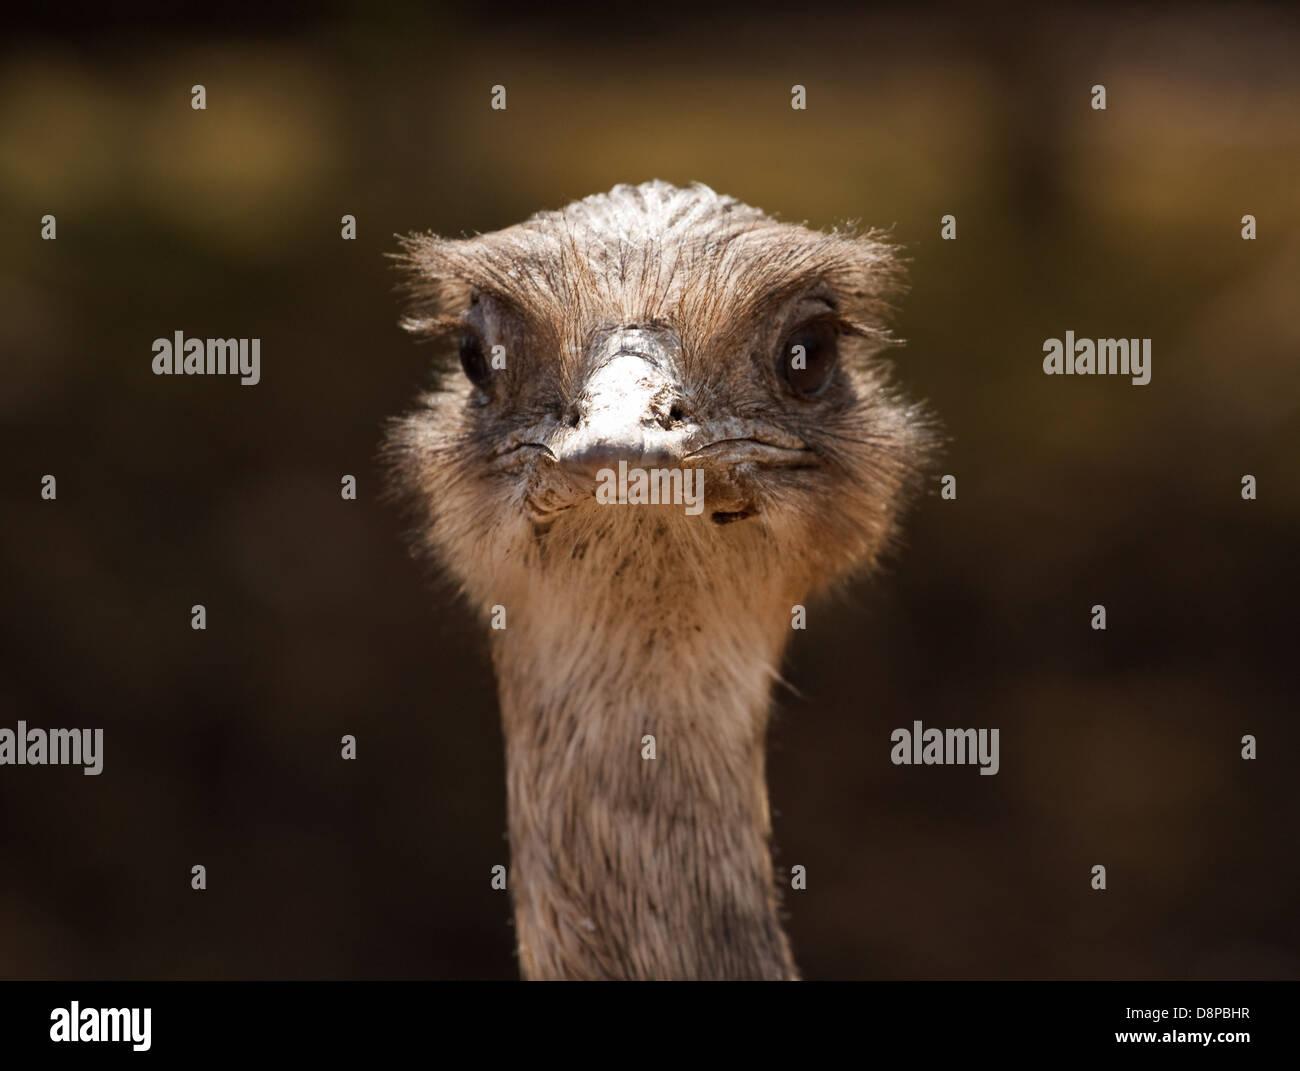 Gros plan de la tête d'autruche à l'avant pour les centres d'accueil ou la notion de déni Photo Stock